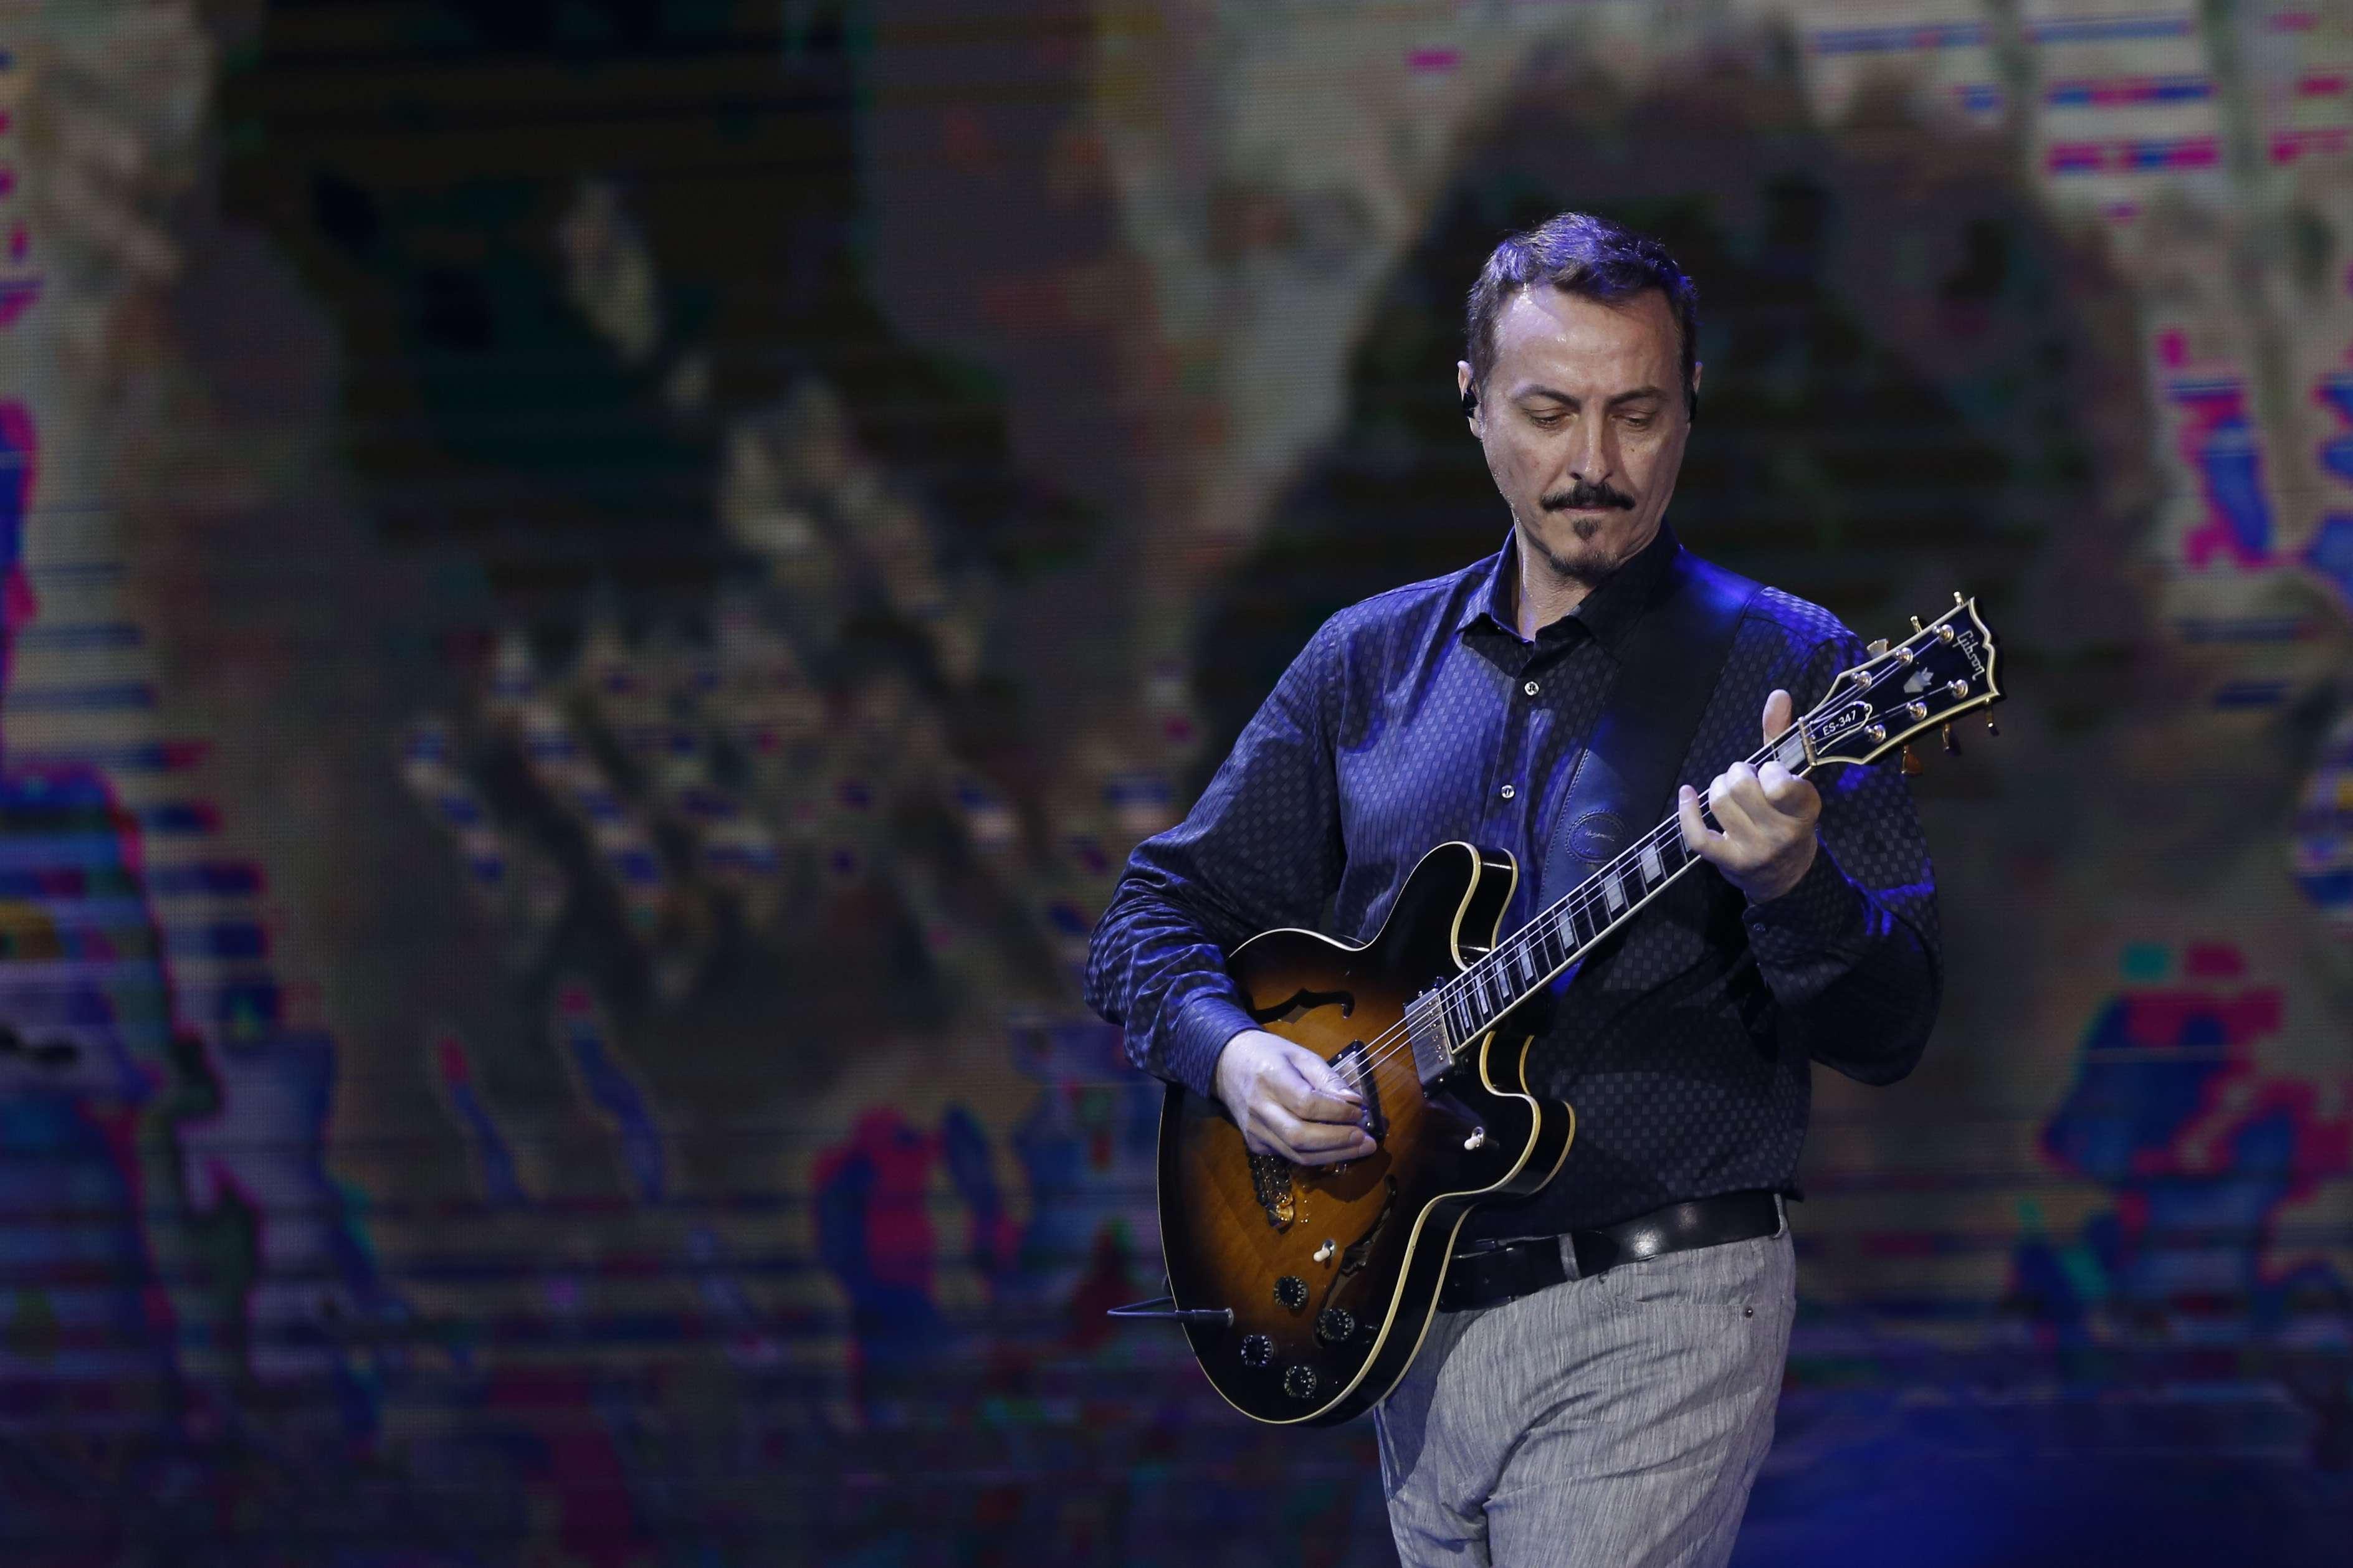 """Pedro Aznar, en homenaje a Cerati en Viña: """"Me concentré en la música porque si me pongo a pensar en recuerdos no puedo tocar"""" Foto: Agencia UNO"""